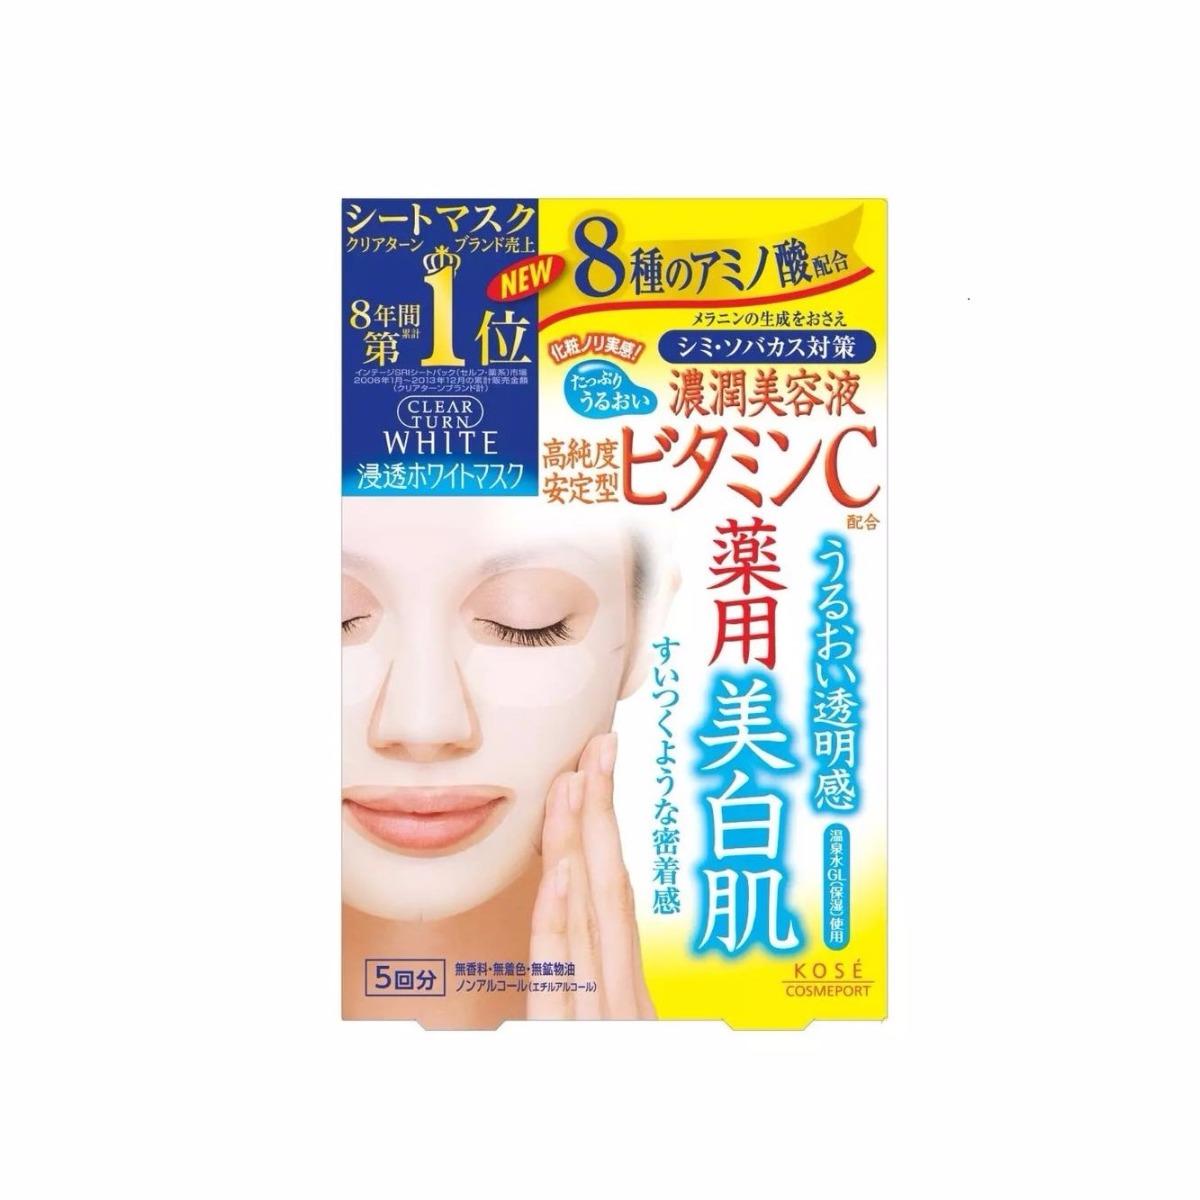 Clear Turn White Mask Vitamin C